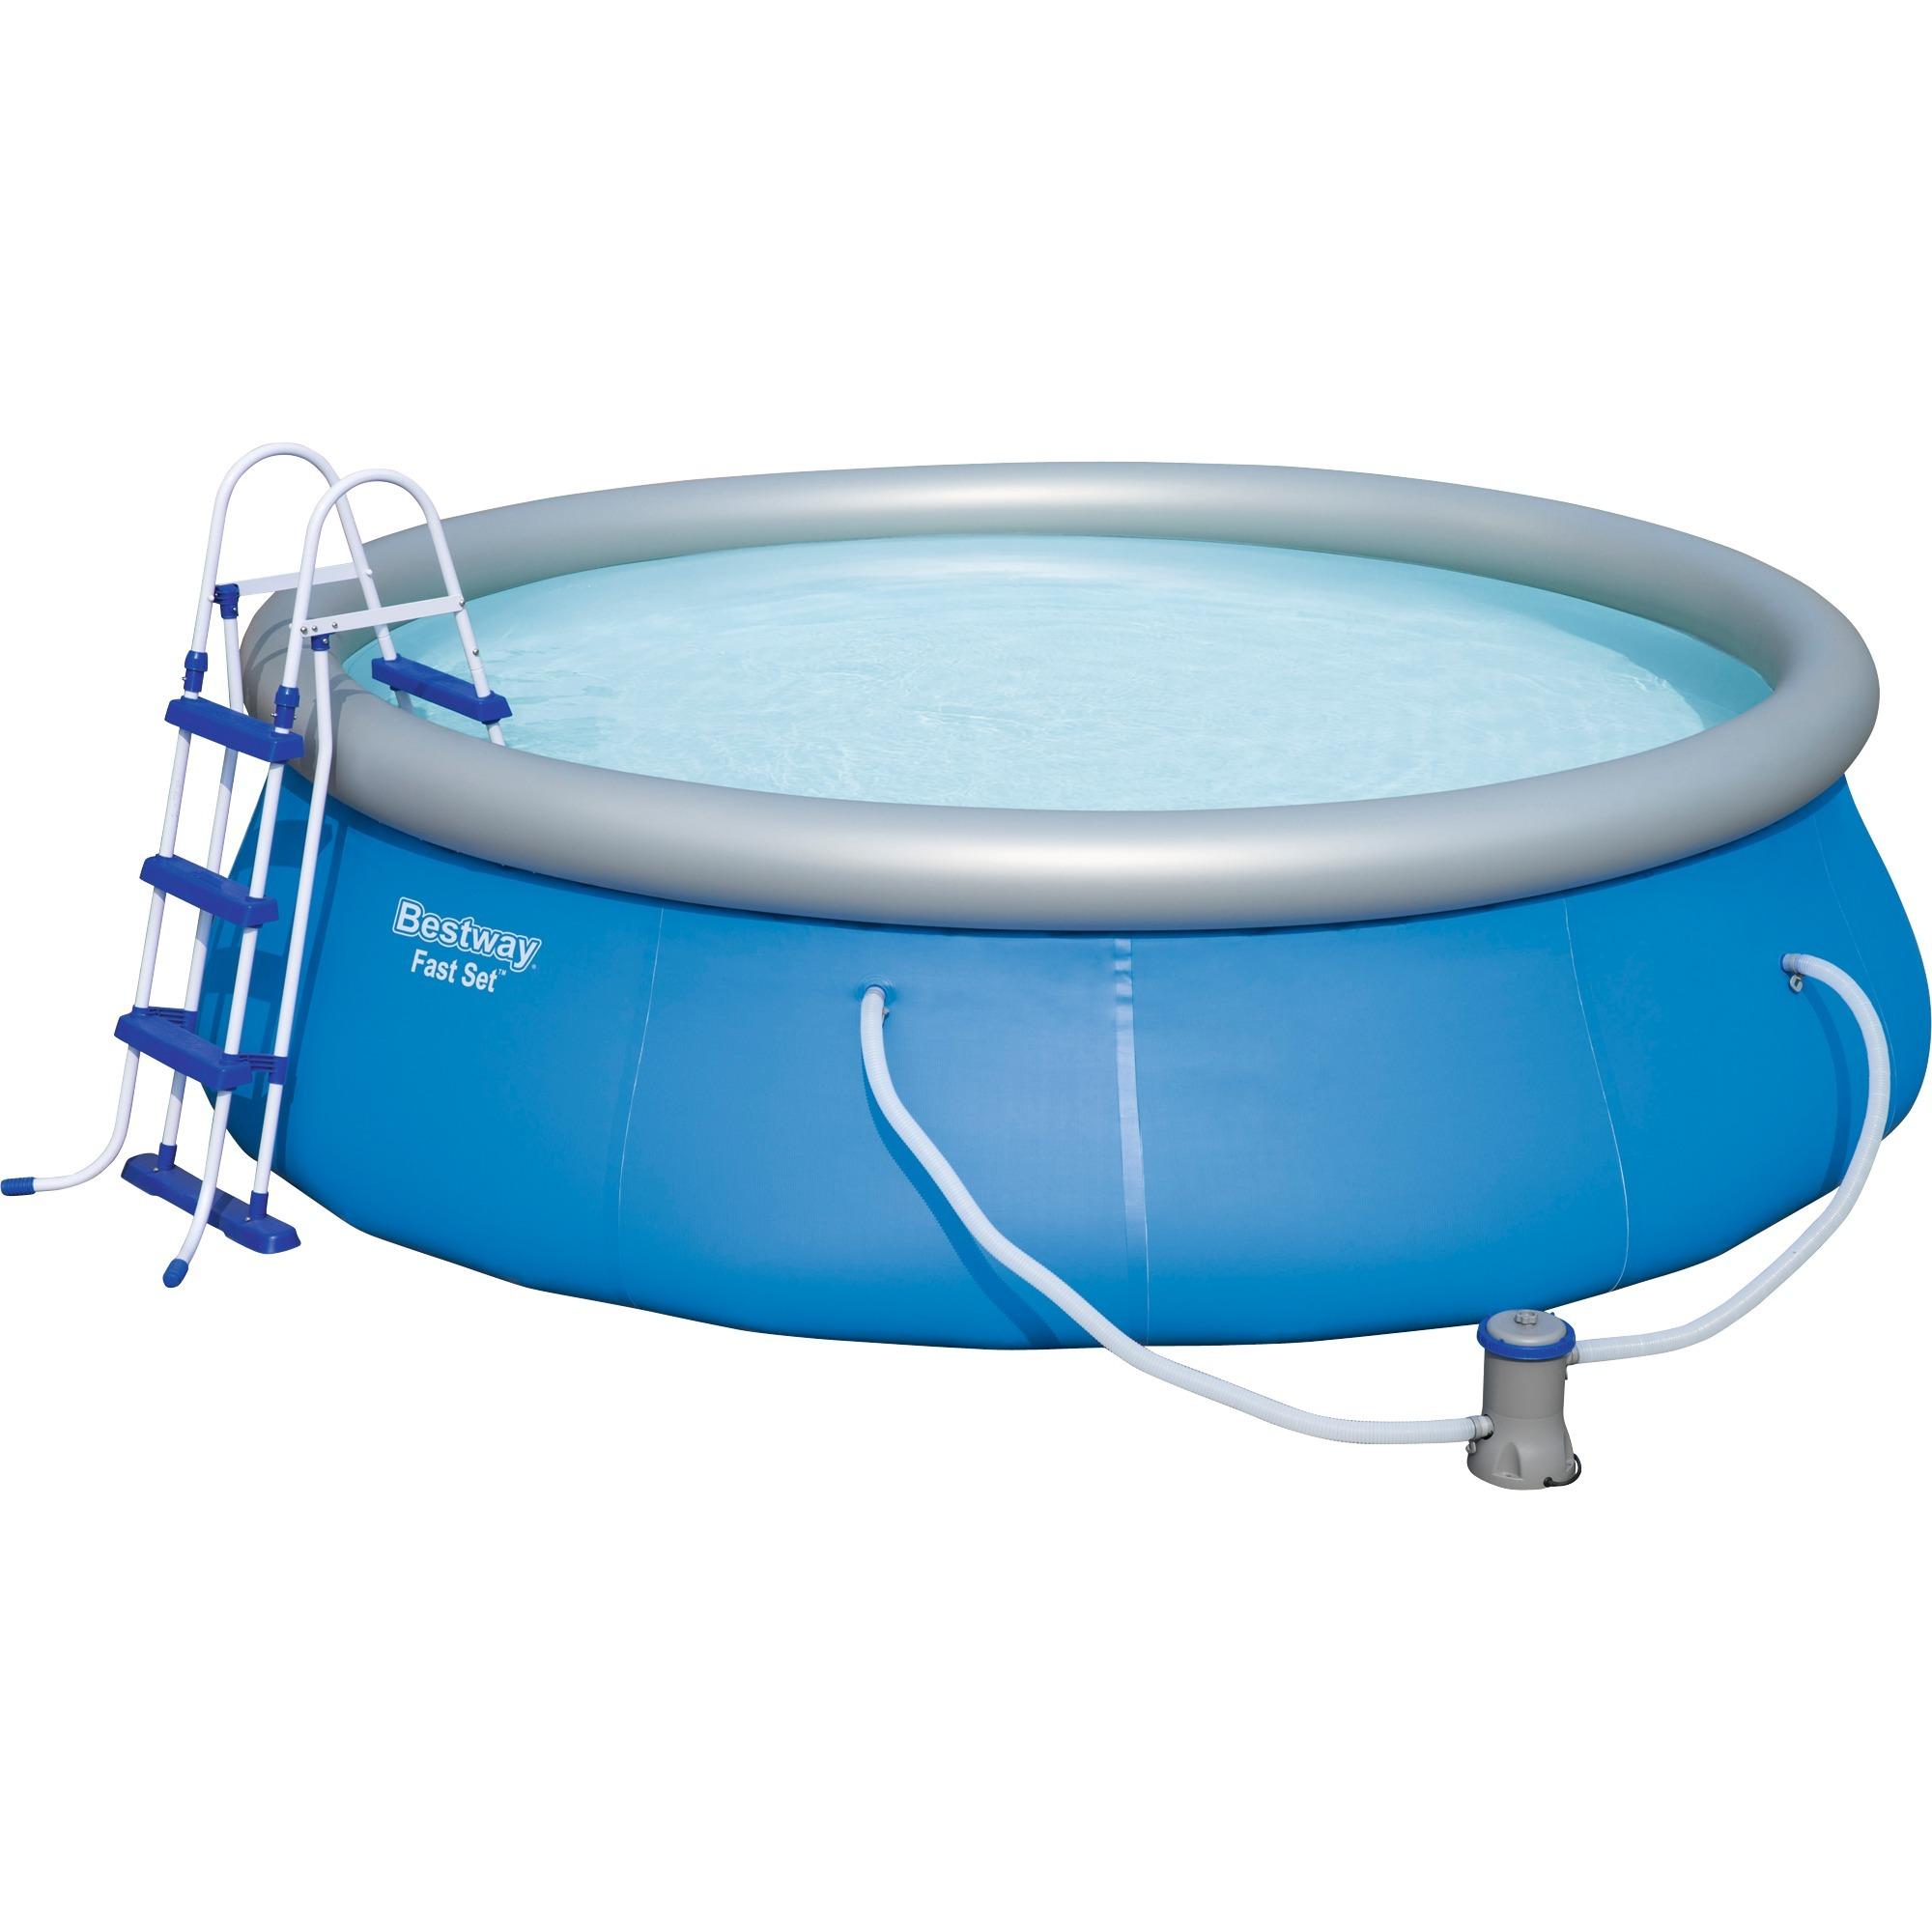 fast-set-57277-inflatable-pool-round-pool-5377l-blaa-swimmingpool-til-over-jorden-swimming-pool